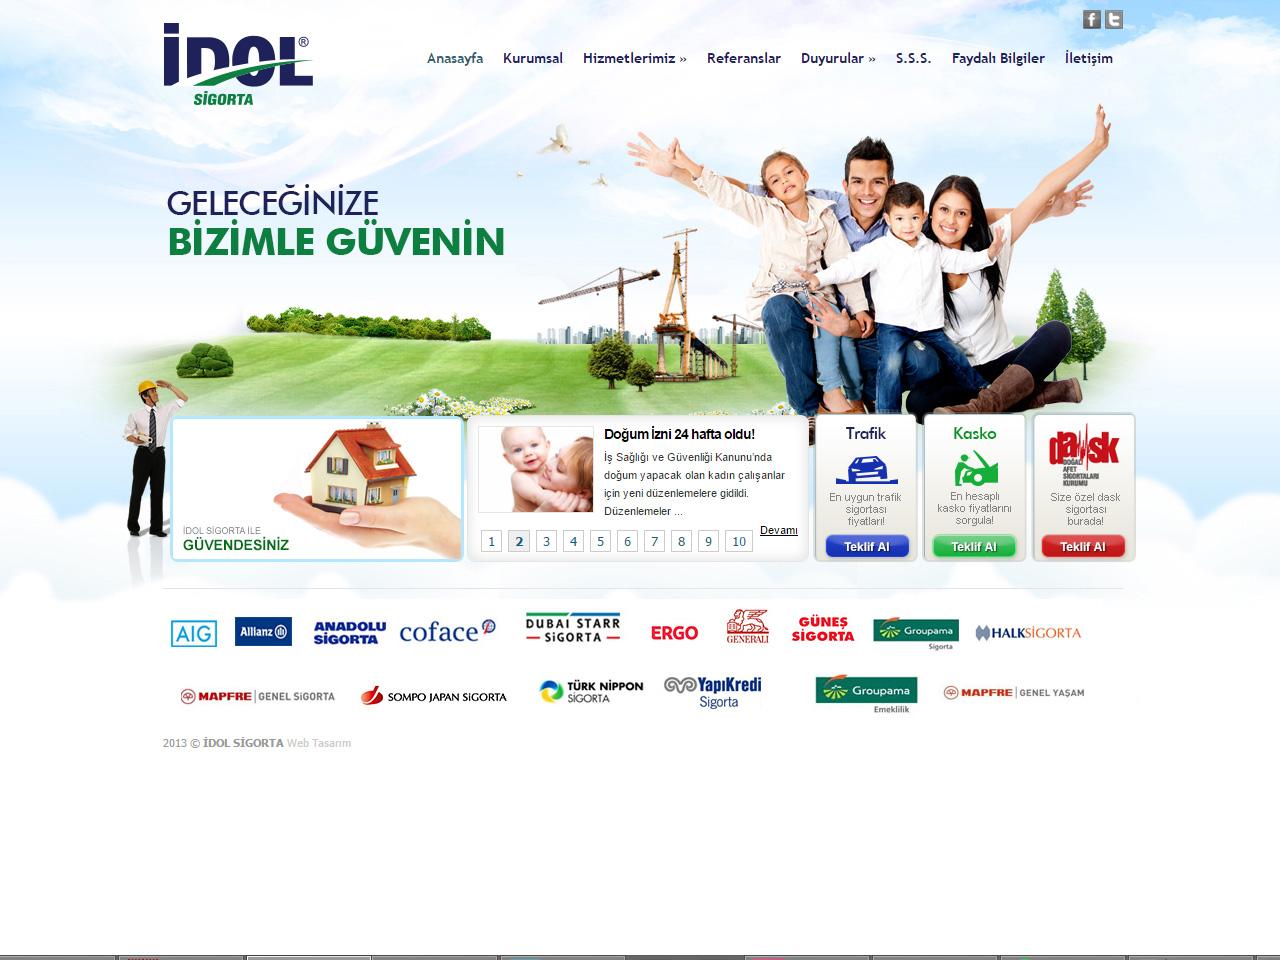 idol-sigorta-web-tasarim-1